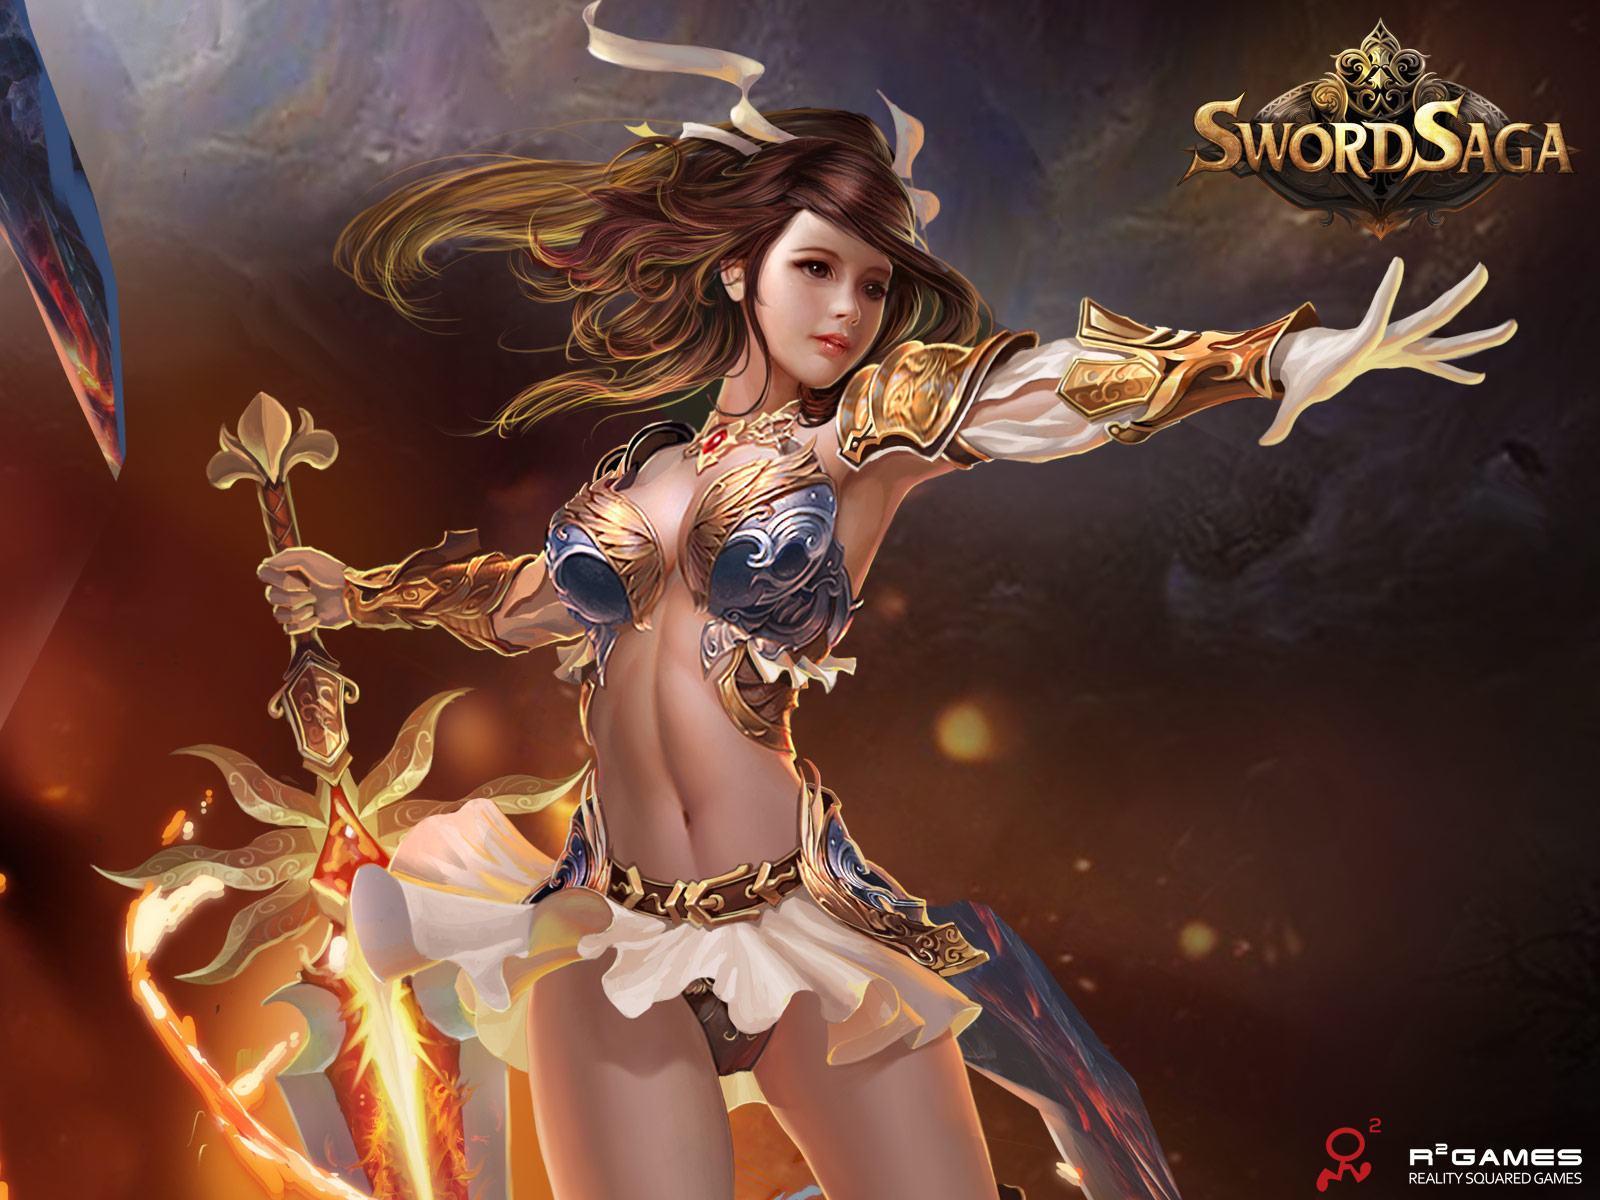 Fantasy Girl Wallpaper 1080p Sword Saga Wallpapers